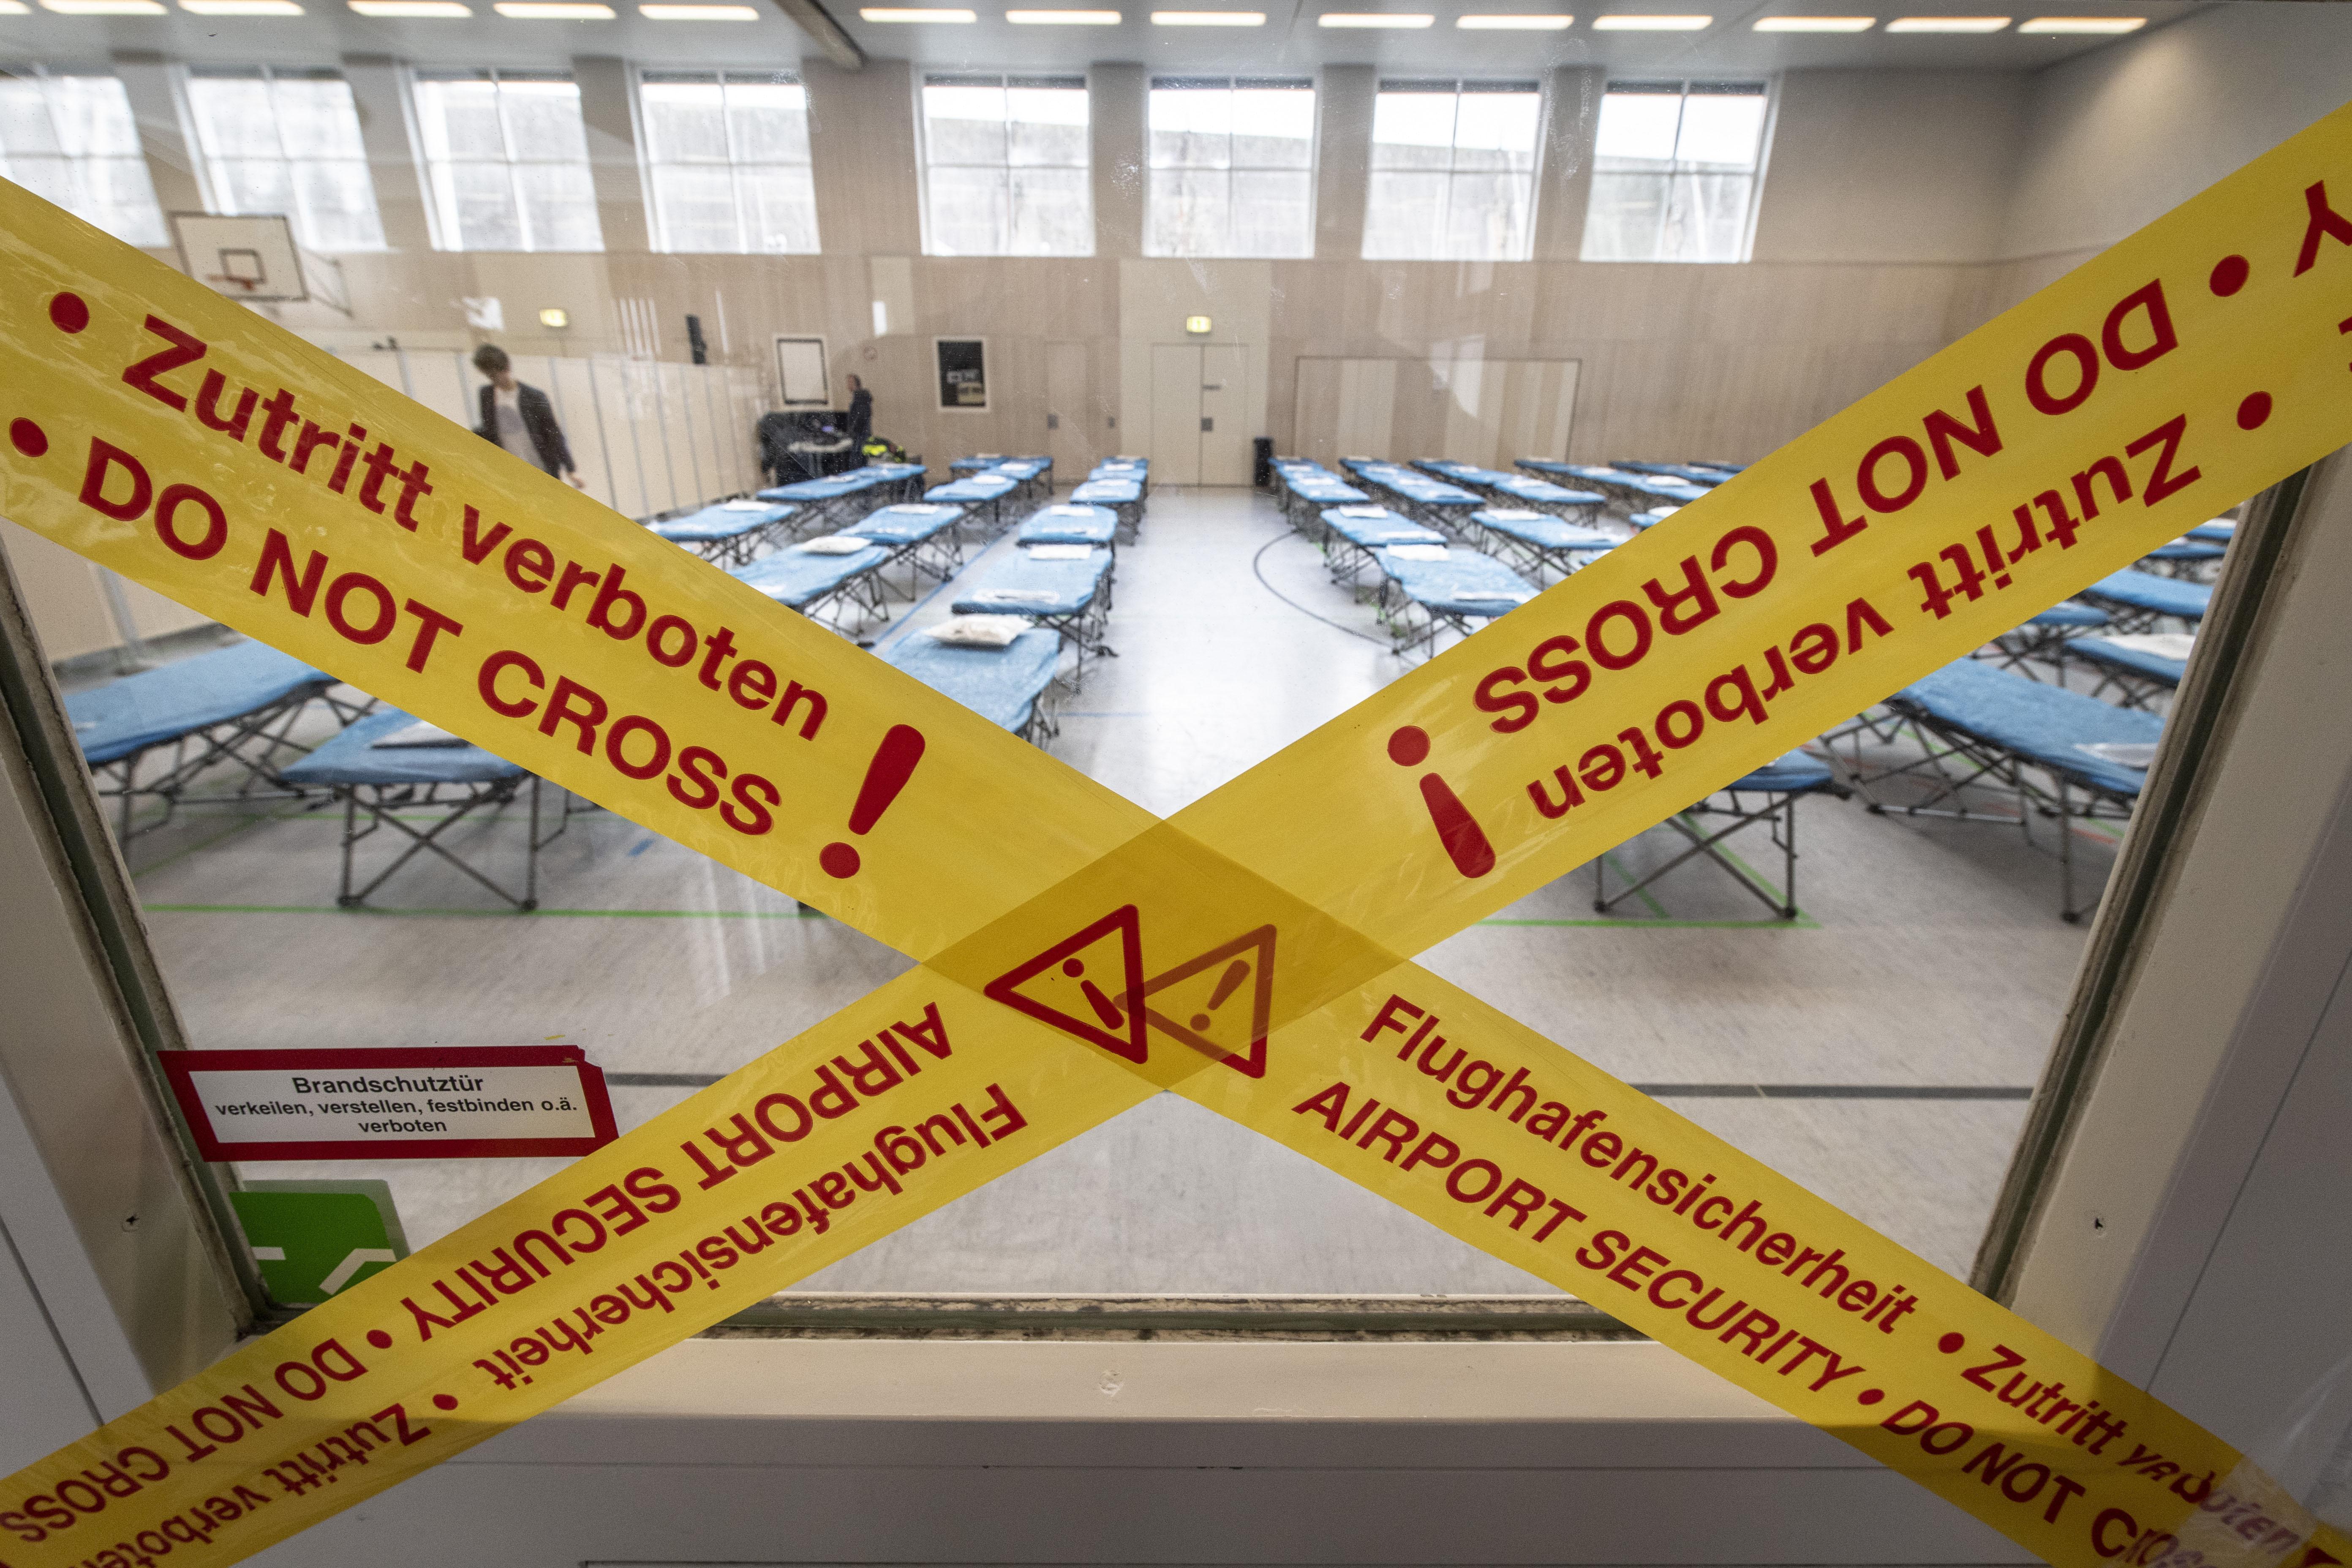 프랑크푸르트 공항 부근의 학교 스포츠홀에 신종 코로나바이러스 감염을 대비한 병상이 마련돼 있다. AP/연합뉴스 제공